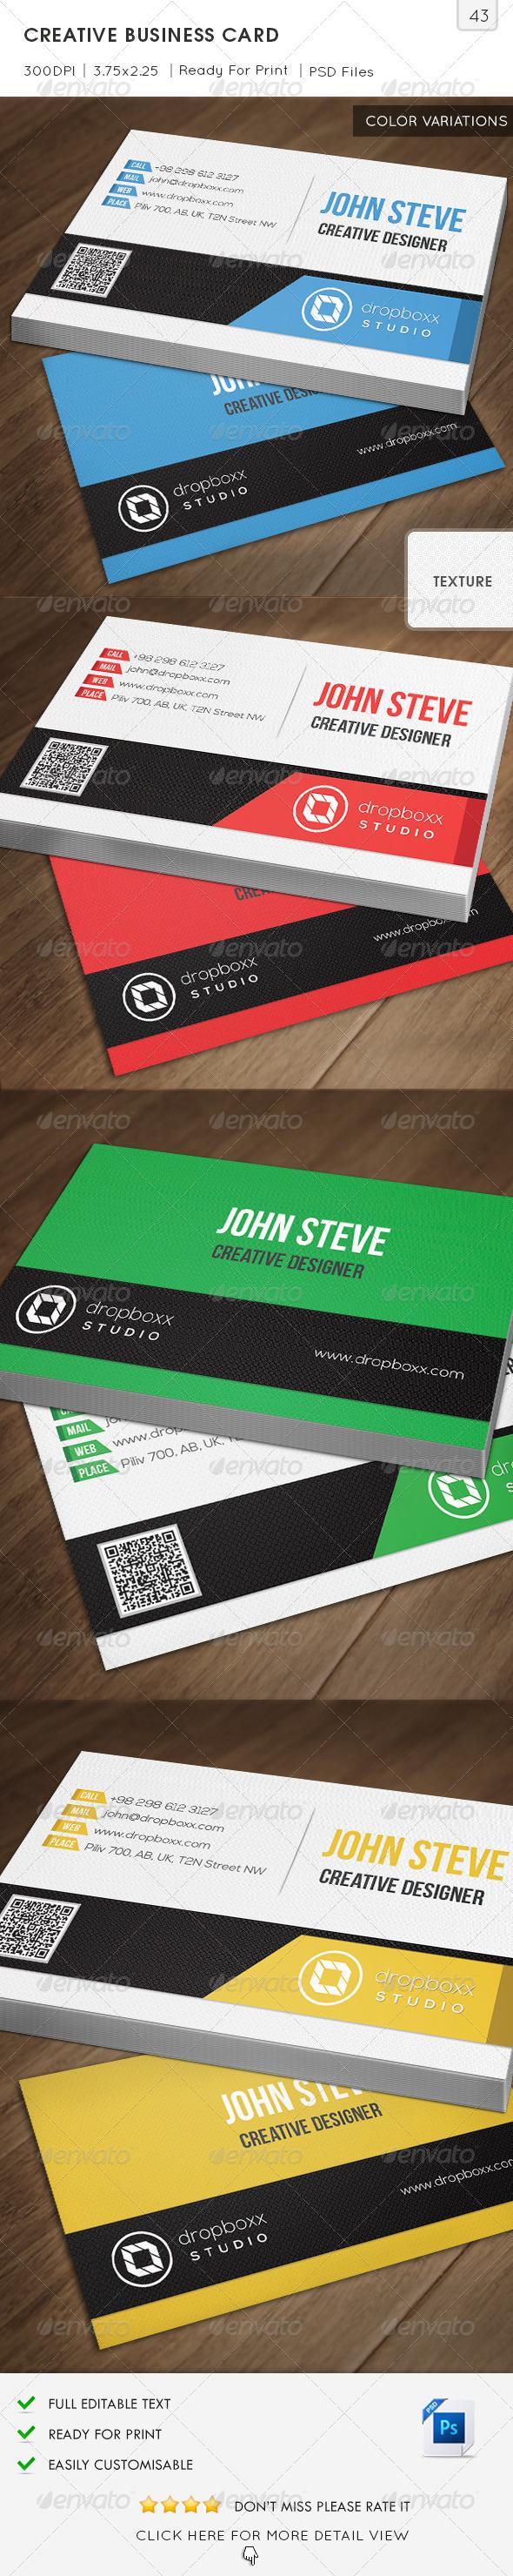 GraphicRiver Creative Business Card v43 6847900